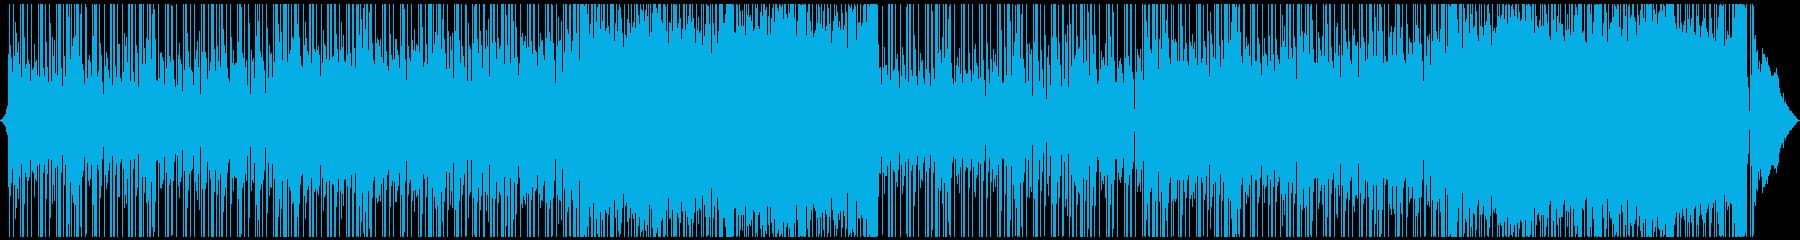 スリル疾走感ファンクロック劇伴ゲームCMの再生済みの波形